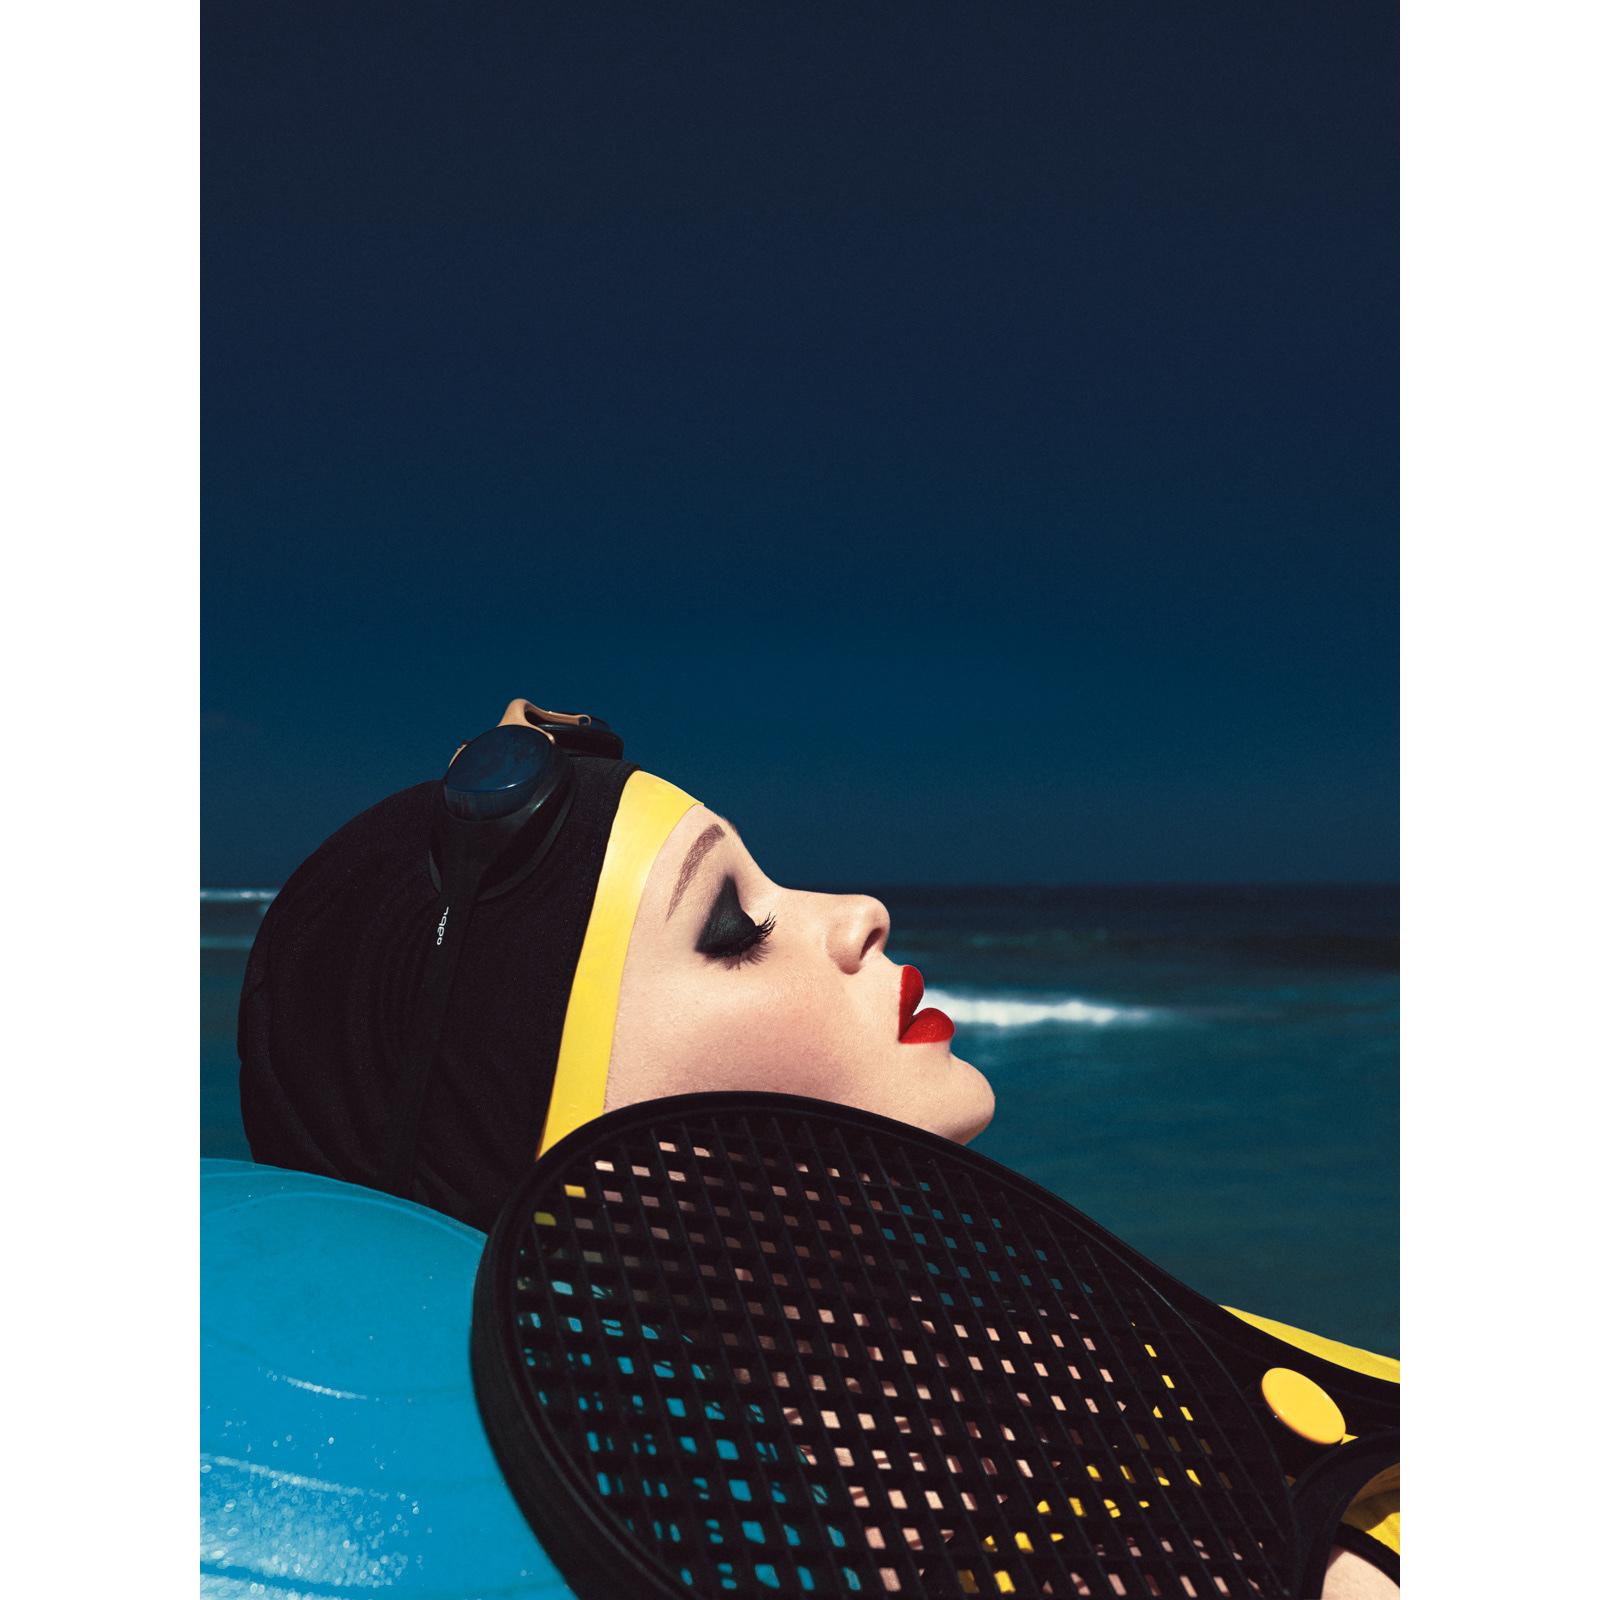 LA DOLCE VITA / Model Valerie Vialo / Photography/styling/makeup Elena Iv-skaya